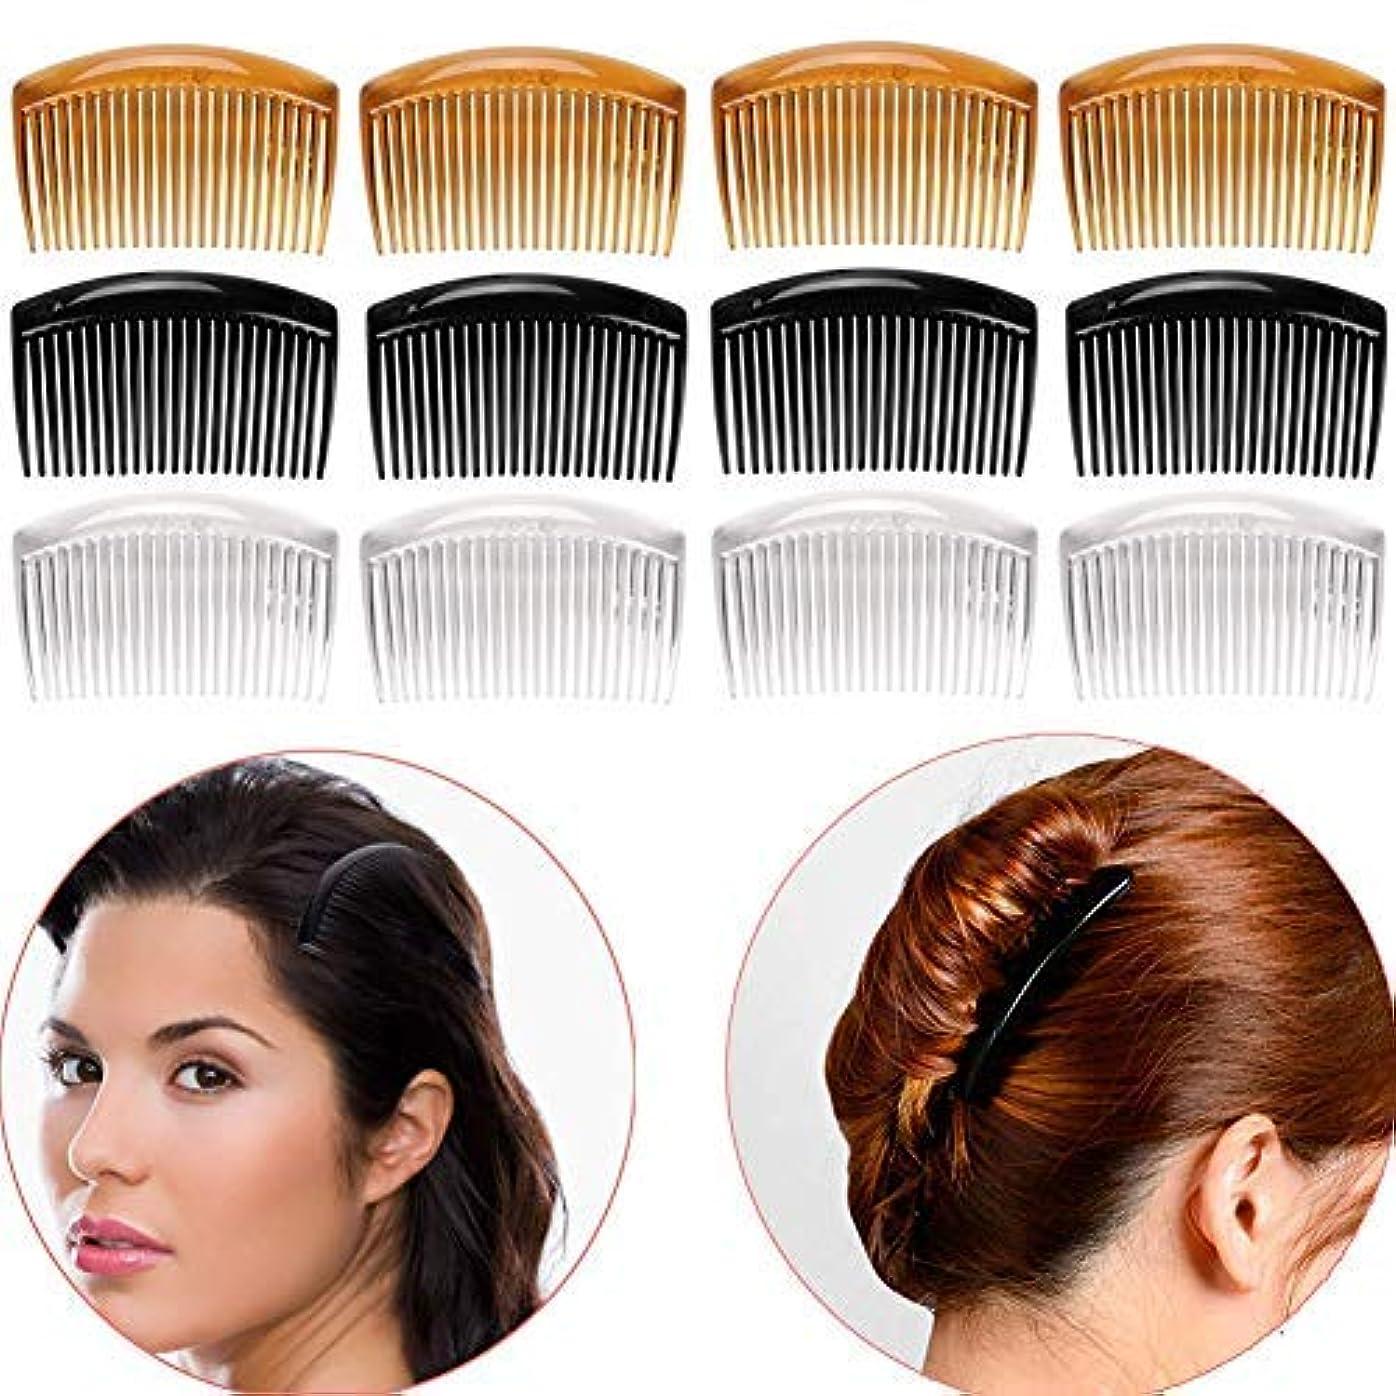 区ブランデー旋回Luckycivia 12Pcs French Twist Comb, Plastic Side Hair Combs with 23 Teeth, Strong Hold No Slip Grip and Durable...